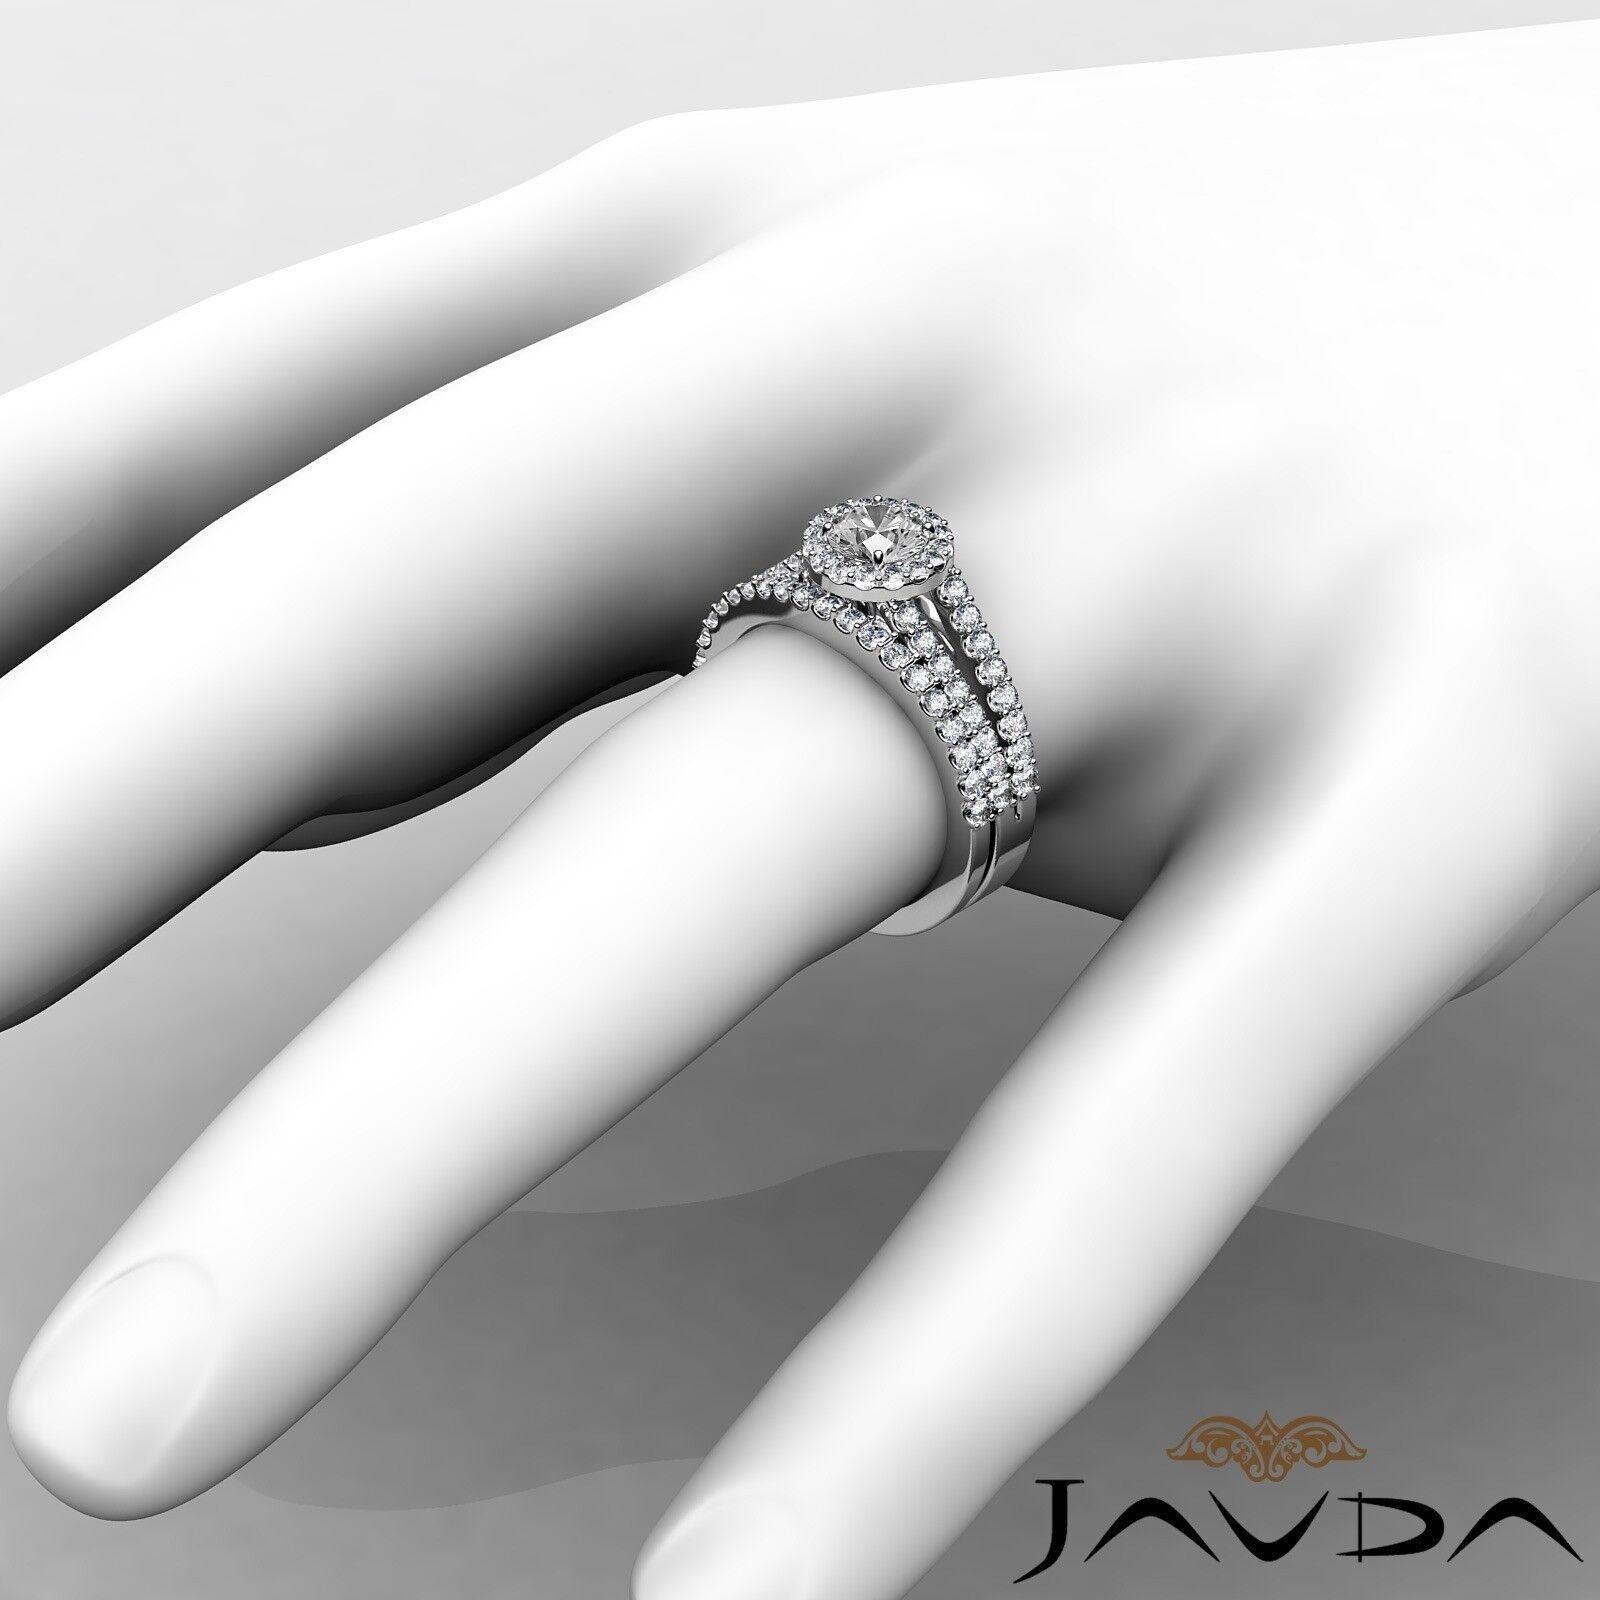 1.65ctw Luxurious Wedding Bridal Round Diamond Engagement Ring GIA E-VVS2 W Gold 4